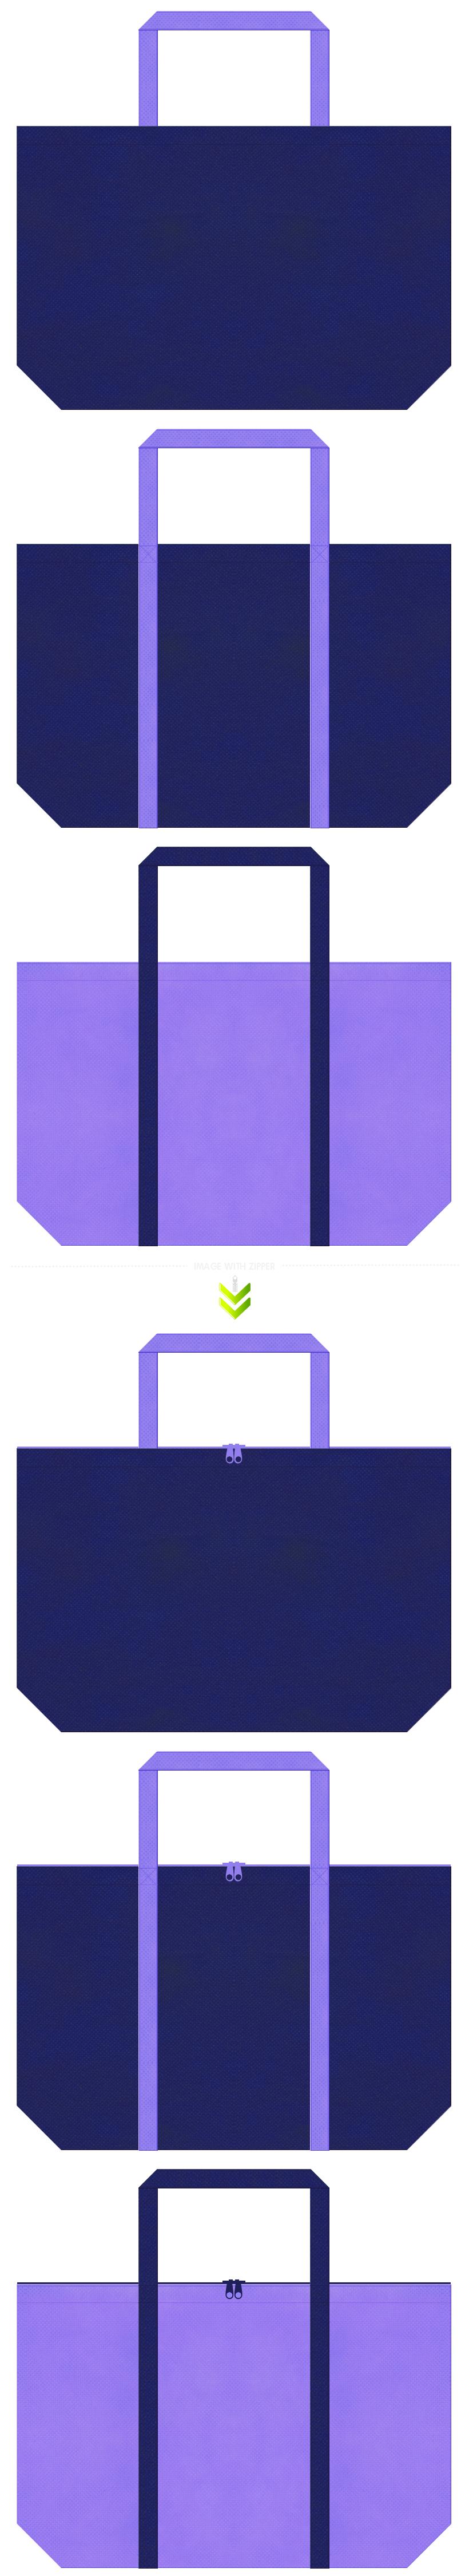 明るい紺色と薄紫色の不織布エコバッグのデザイン。浴衣風。